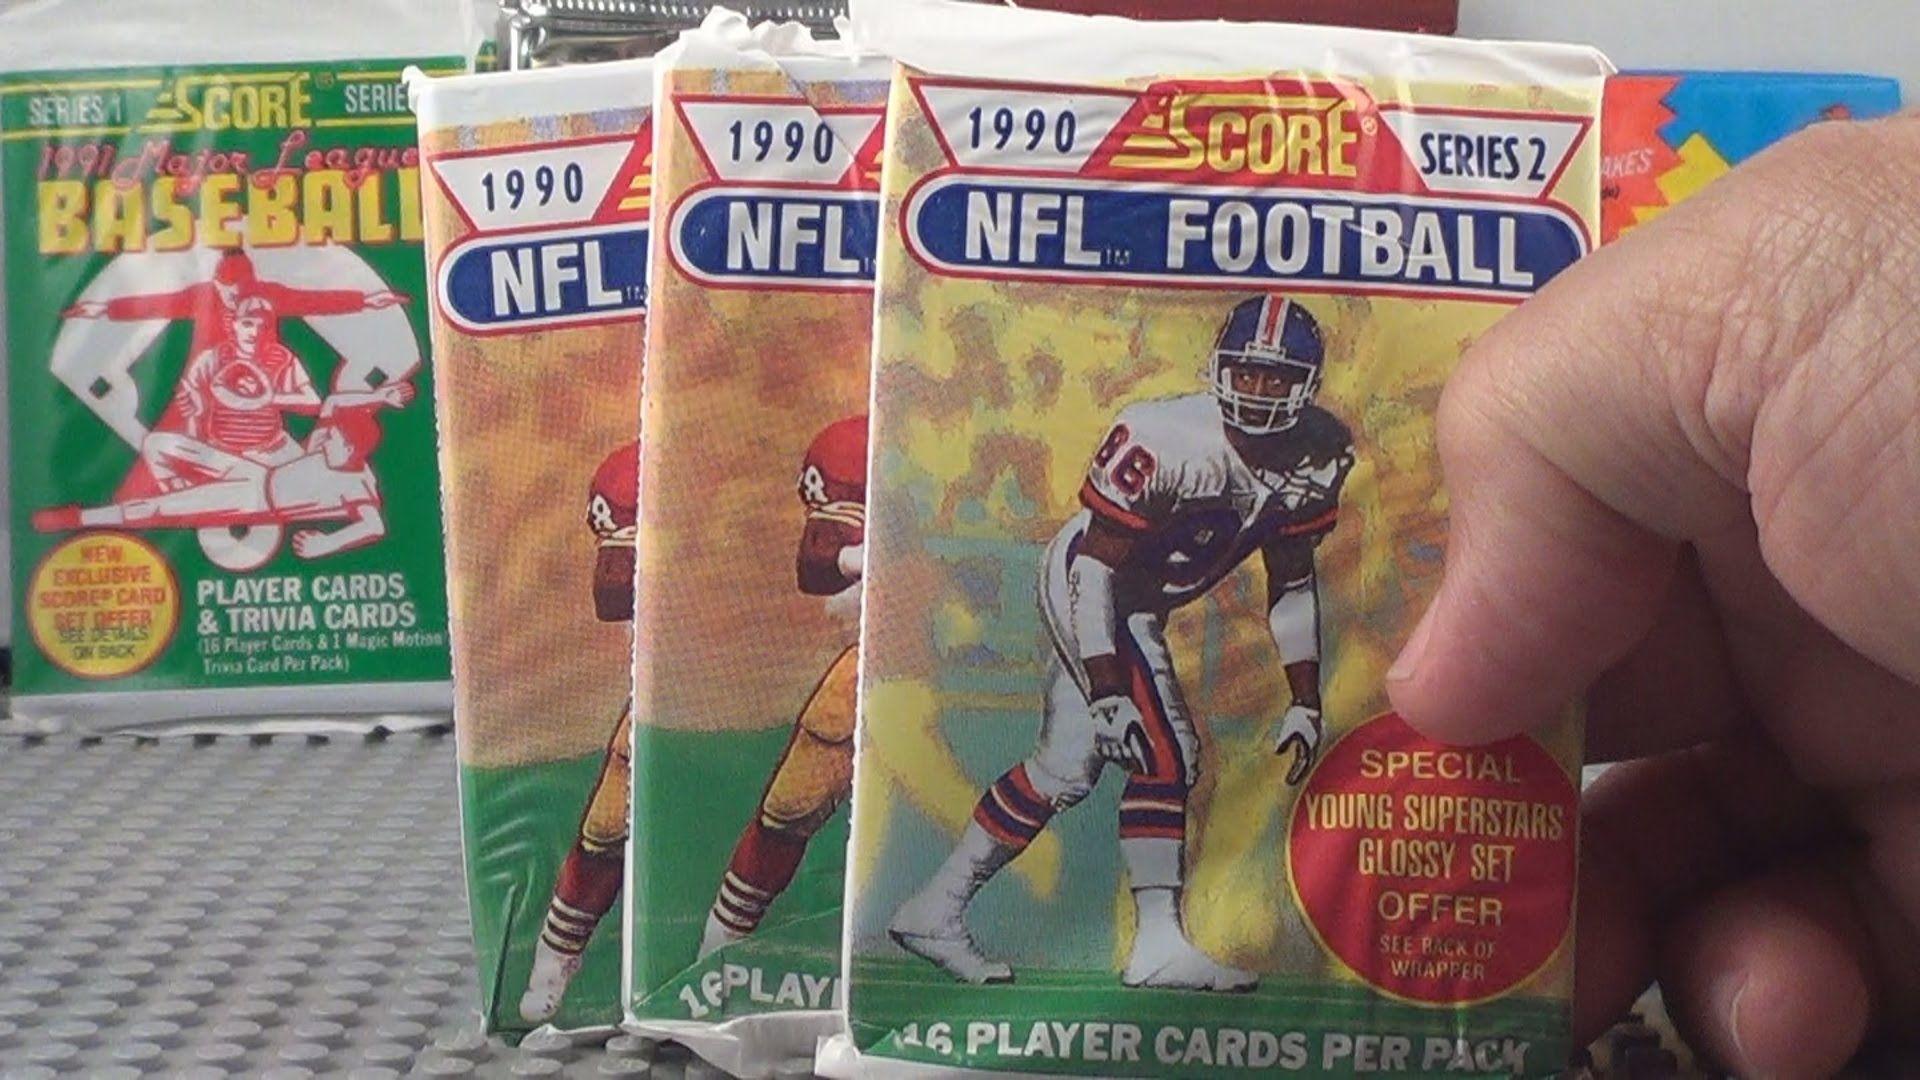 1990 score football series 2 pack openings 3 packs